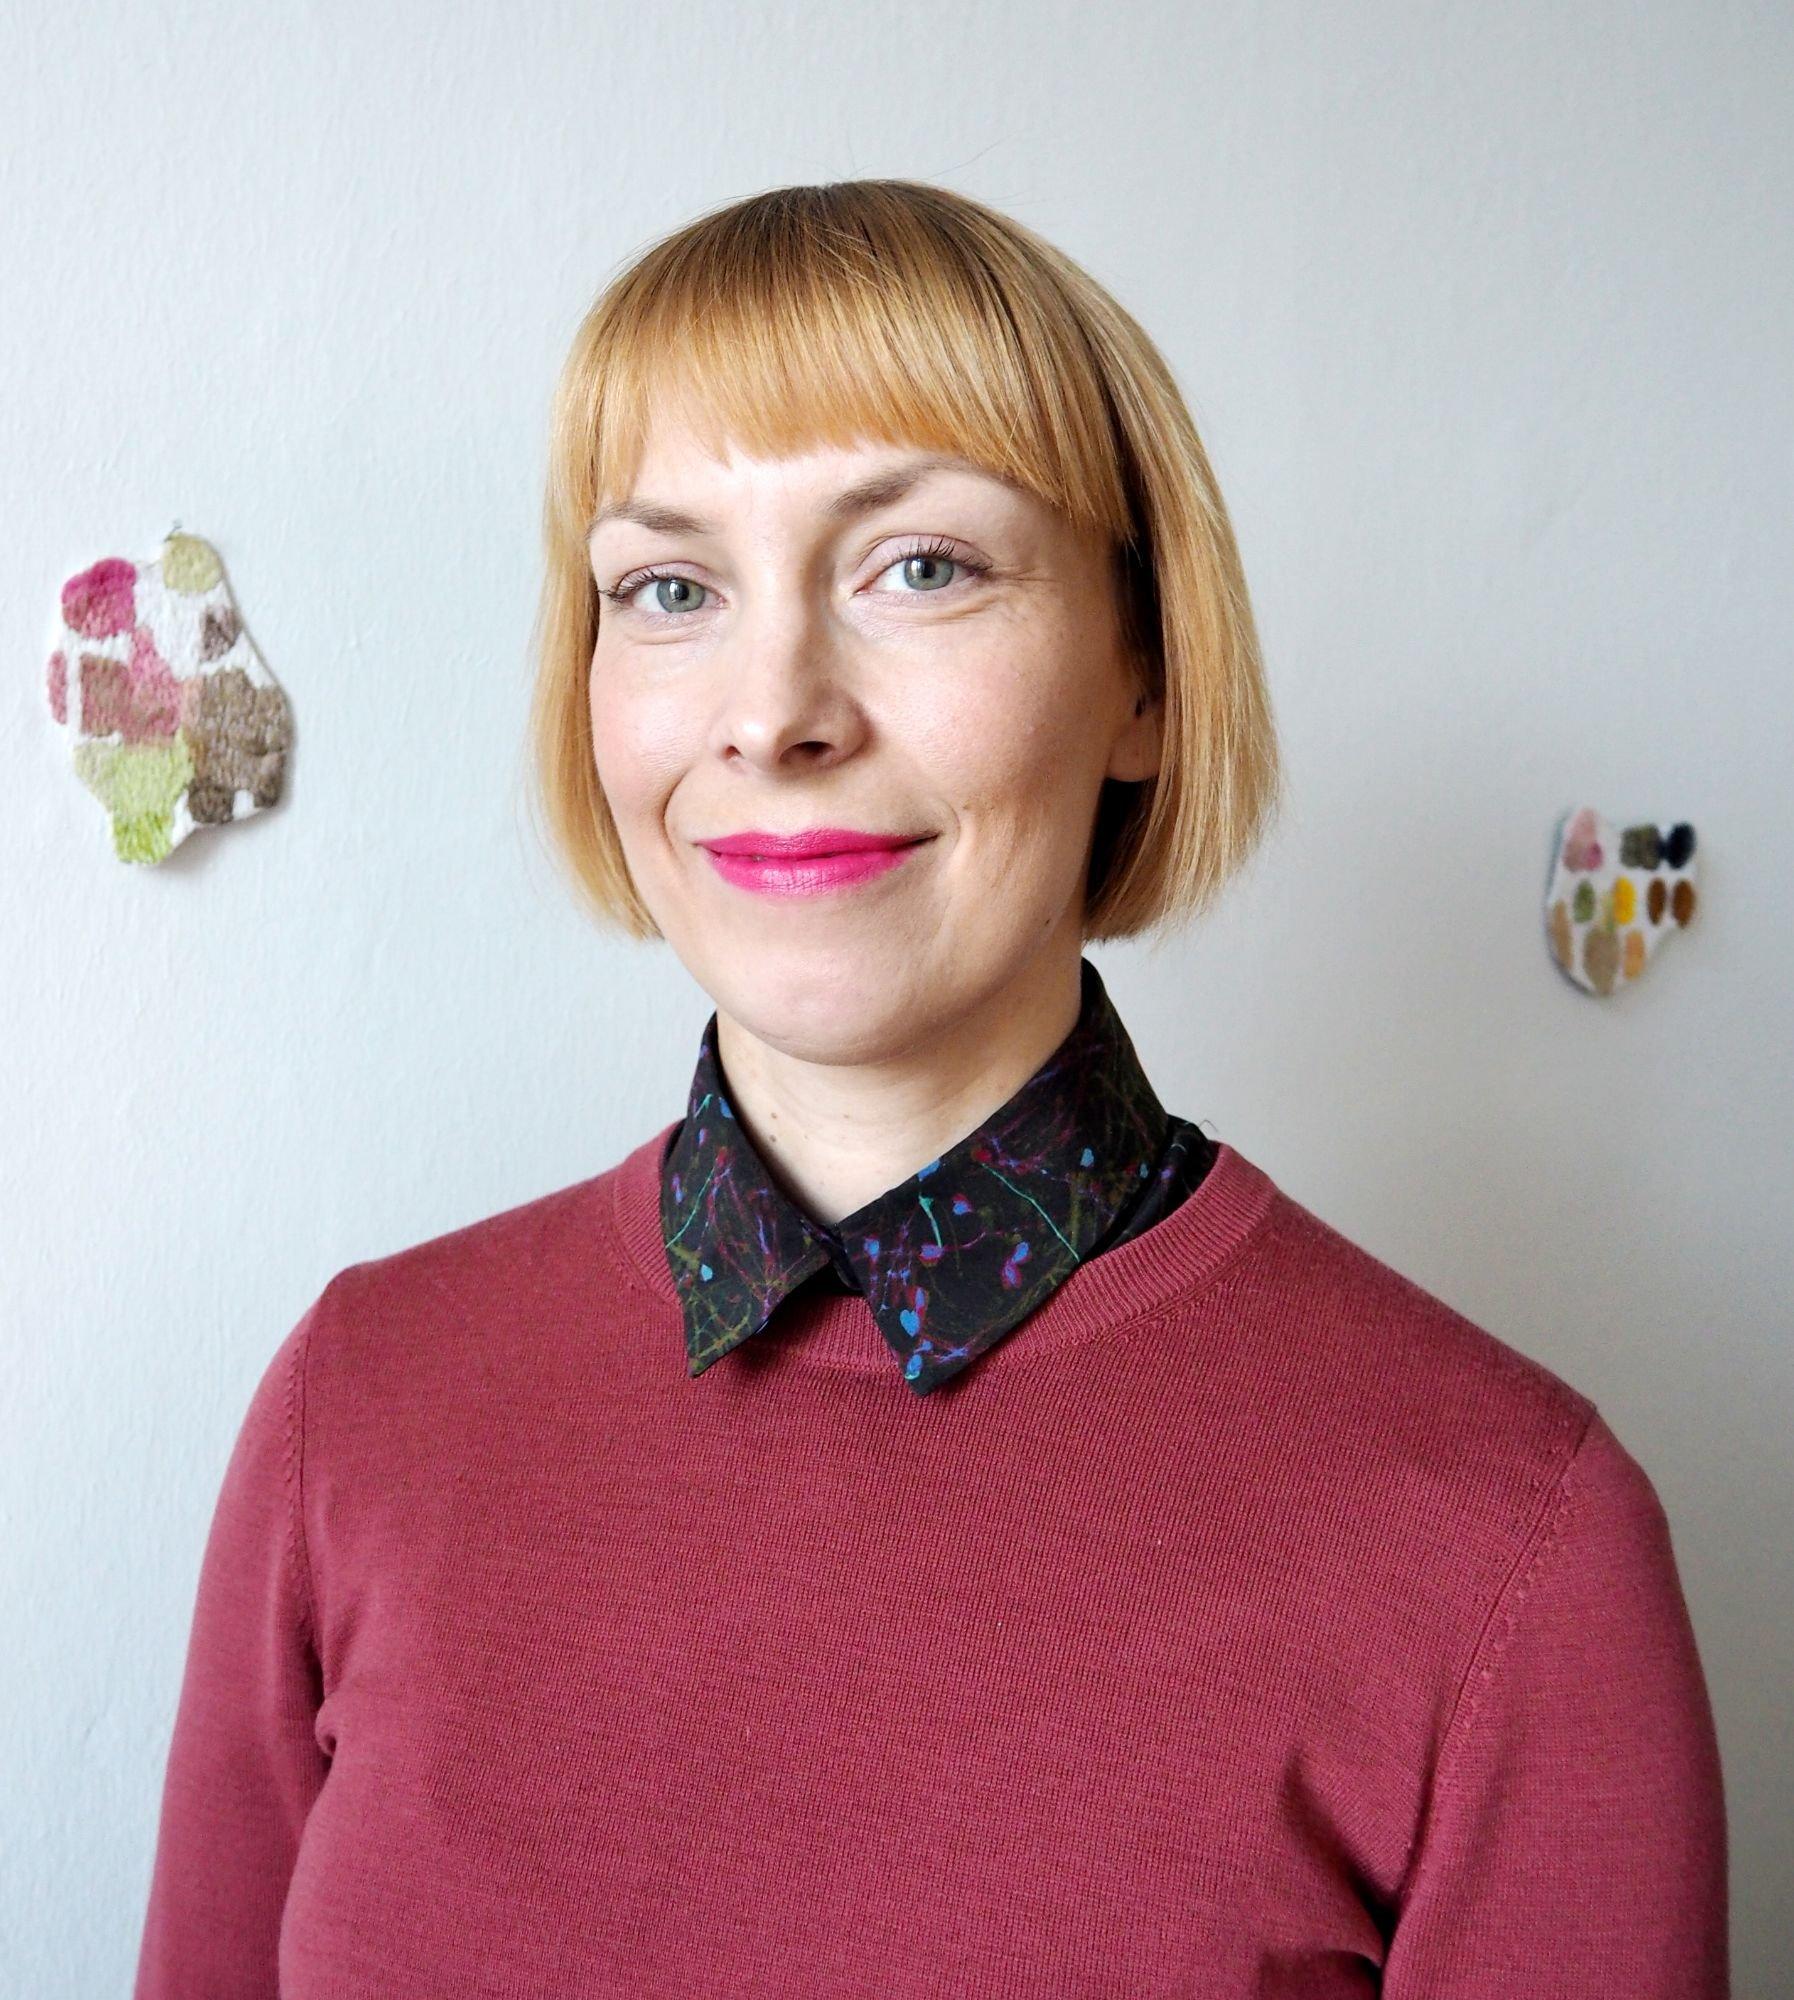 Suomen Viron-instituutin ohjelmapäälliköksi Karoliina Korpilahti